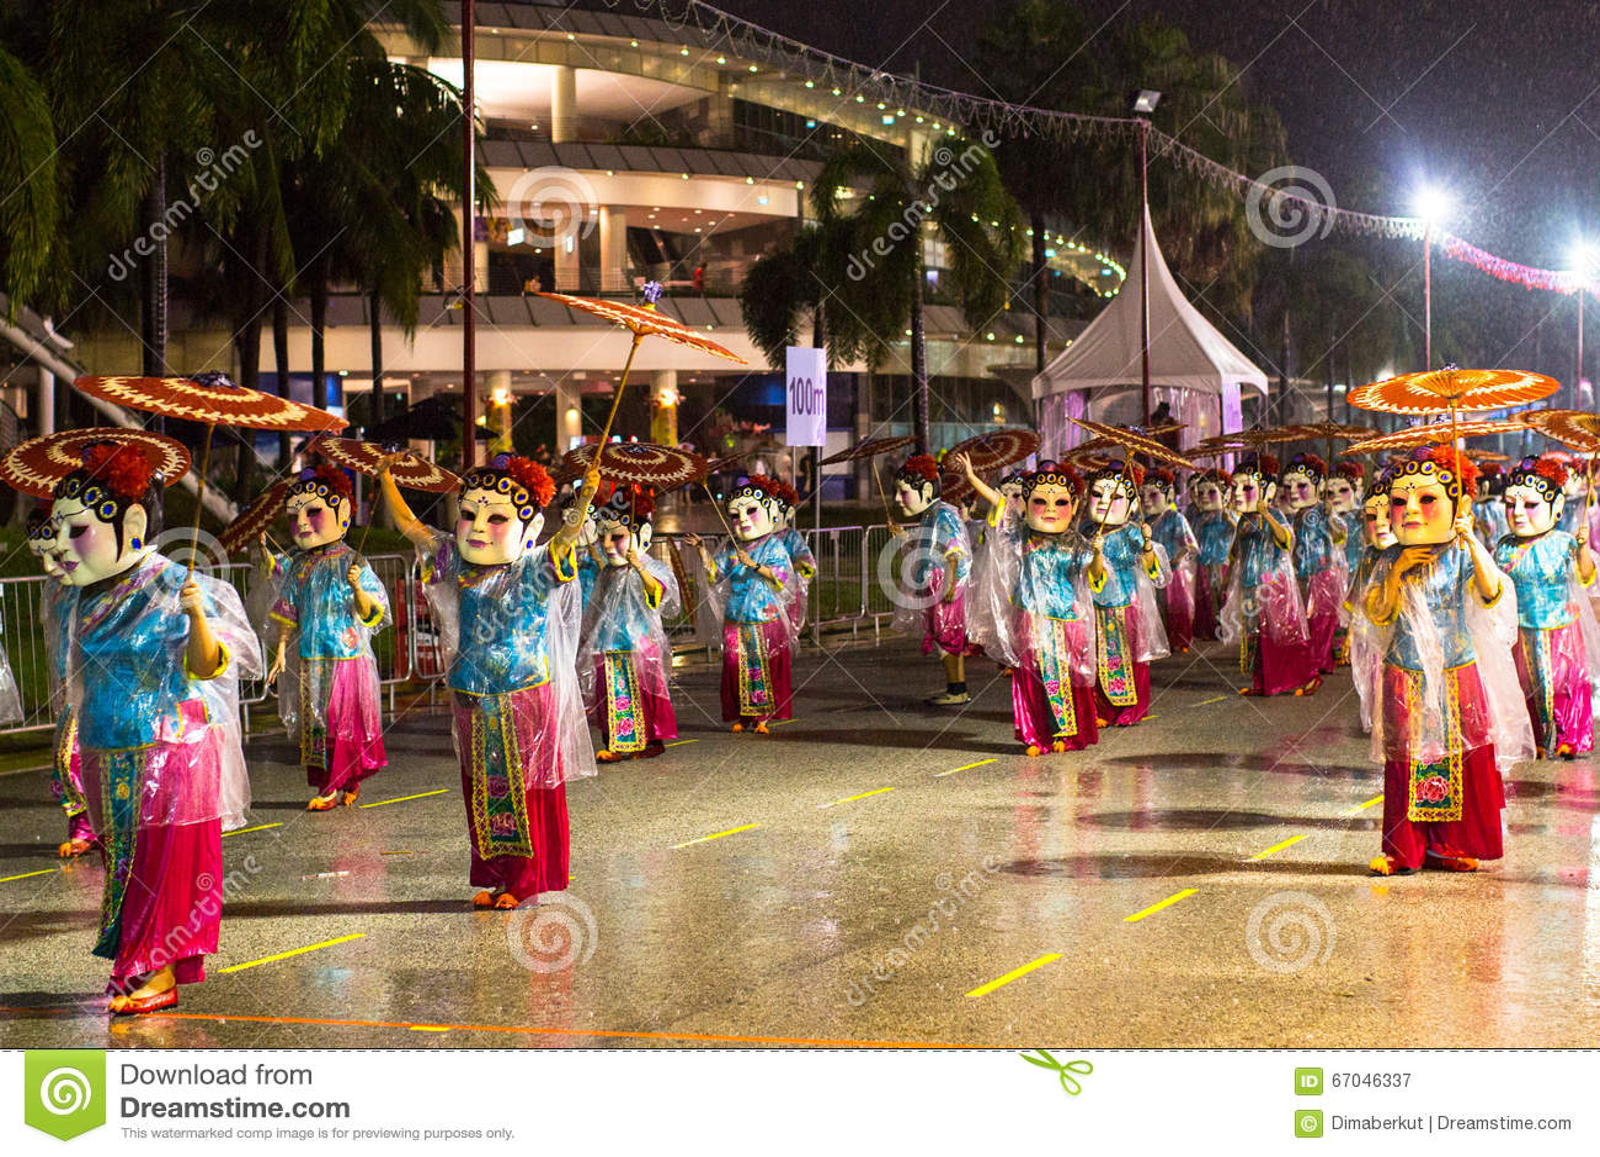 El Desfile De Chingay Se Lleva A Cabo Durante El Ano Nuevo Chino